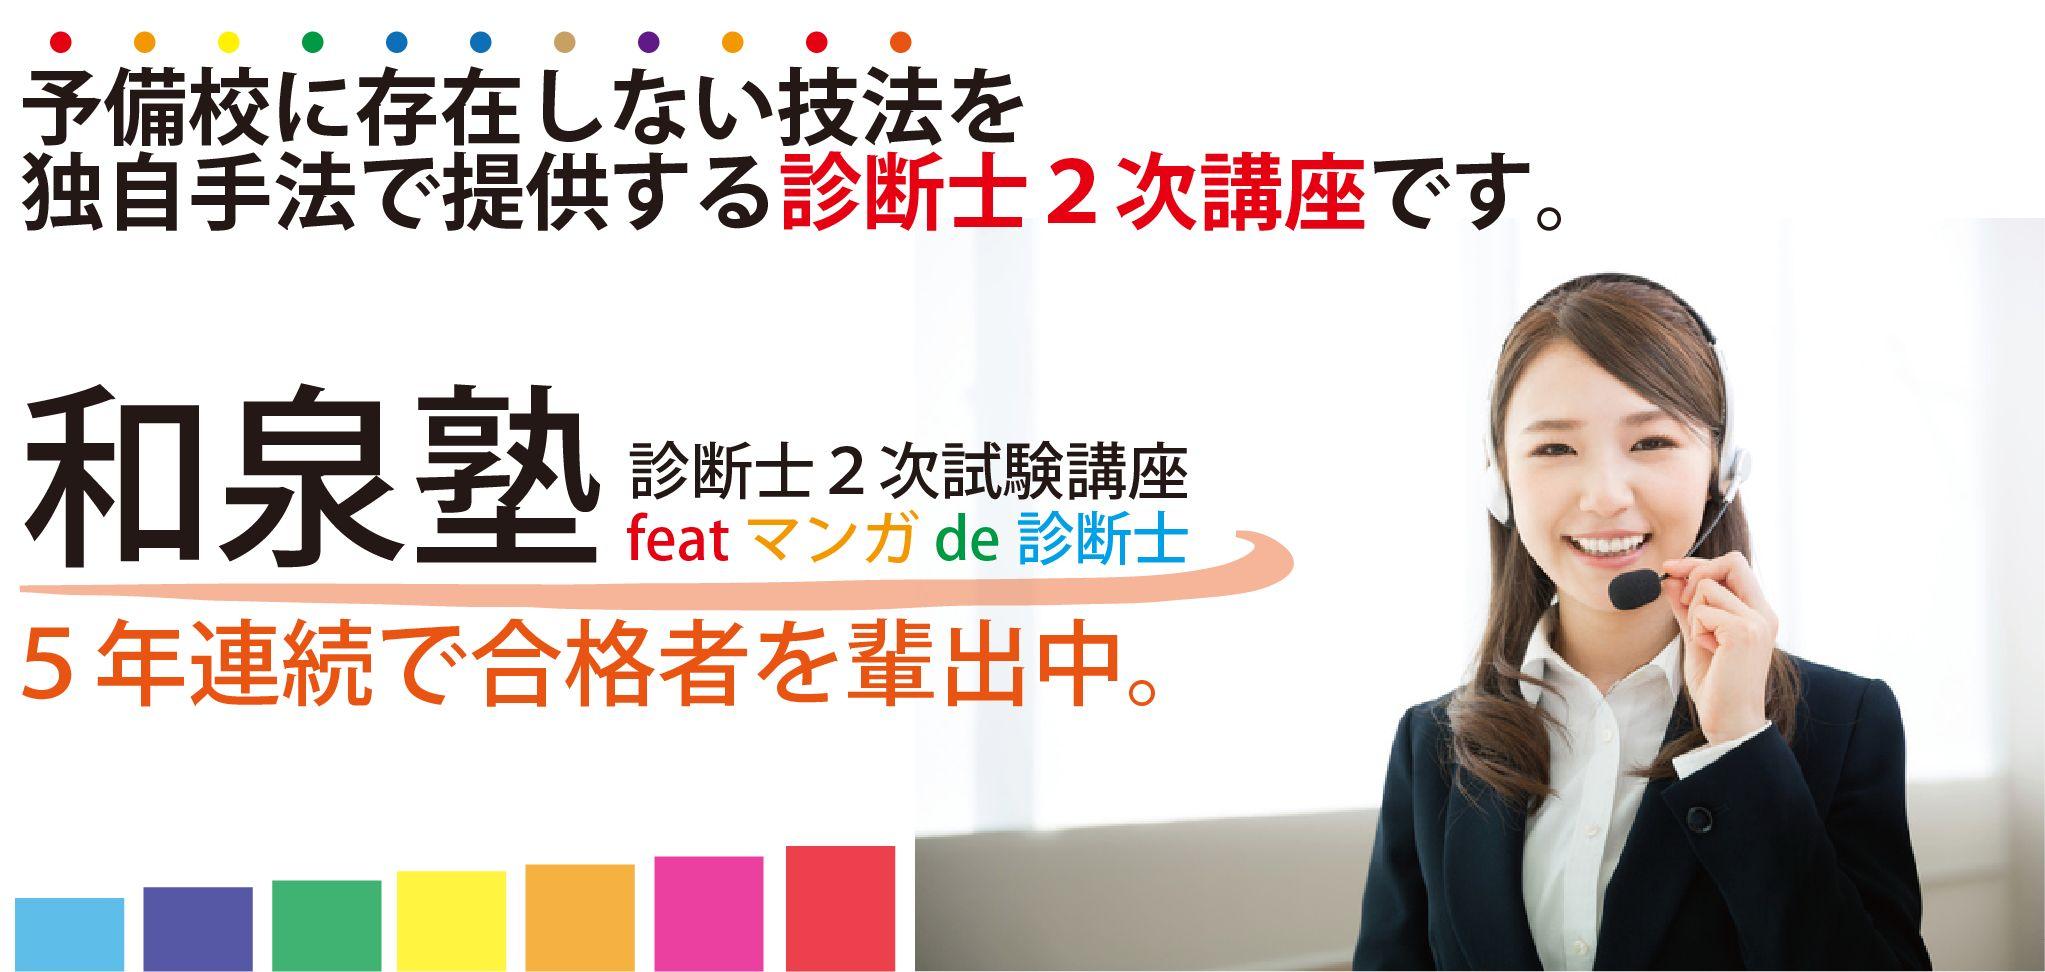 和泉塾 診断士2次試験 マンガde講座 中小企業診断士 通信講座